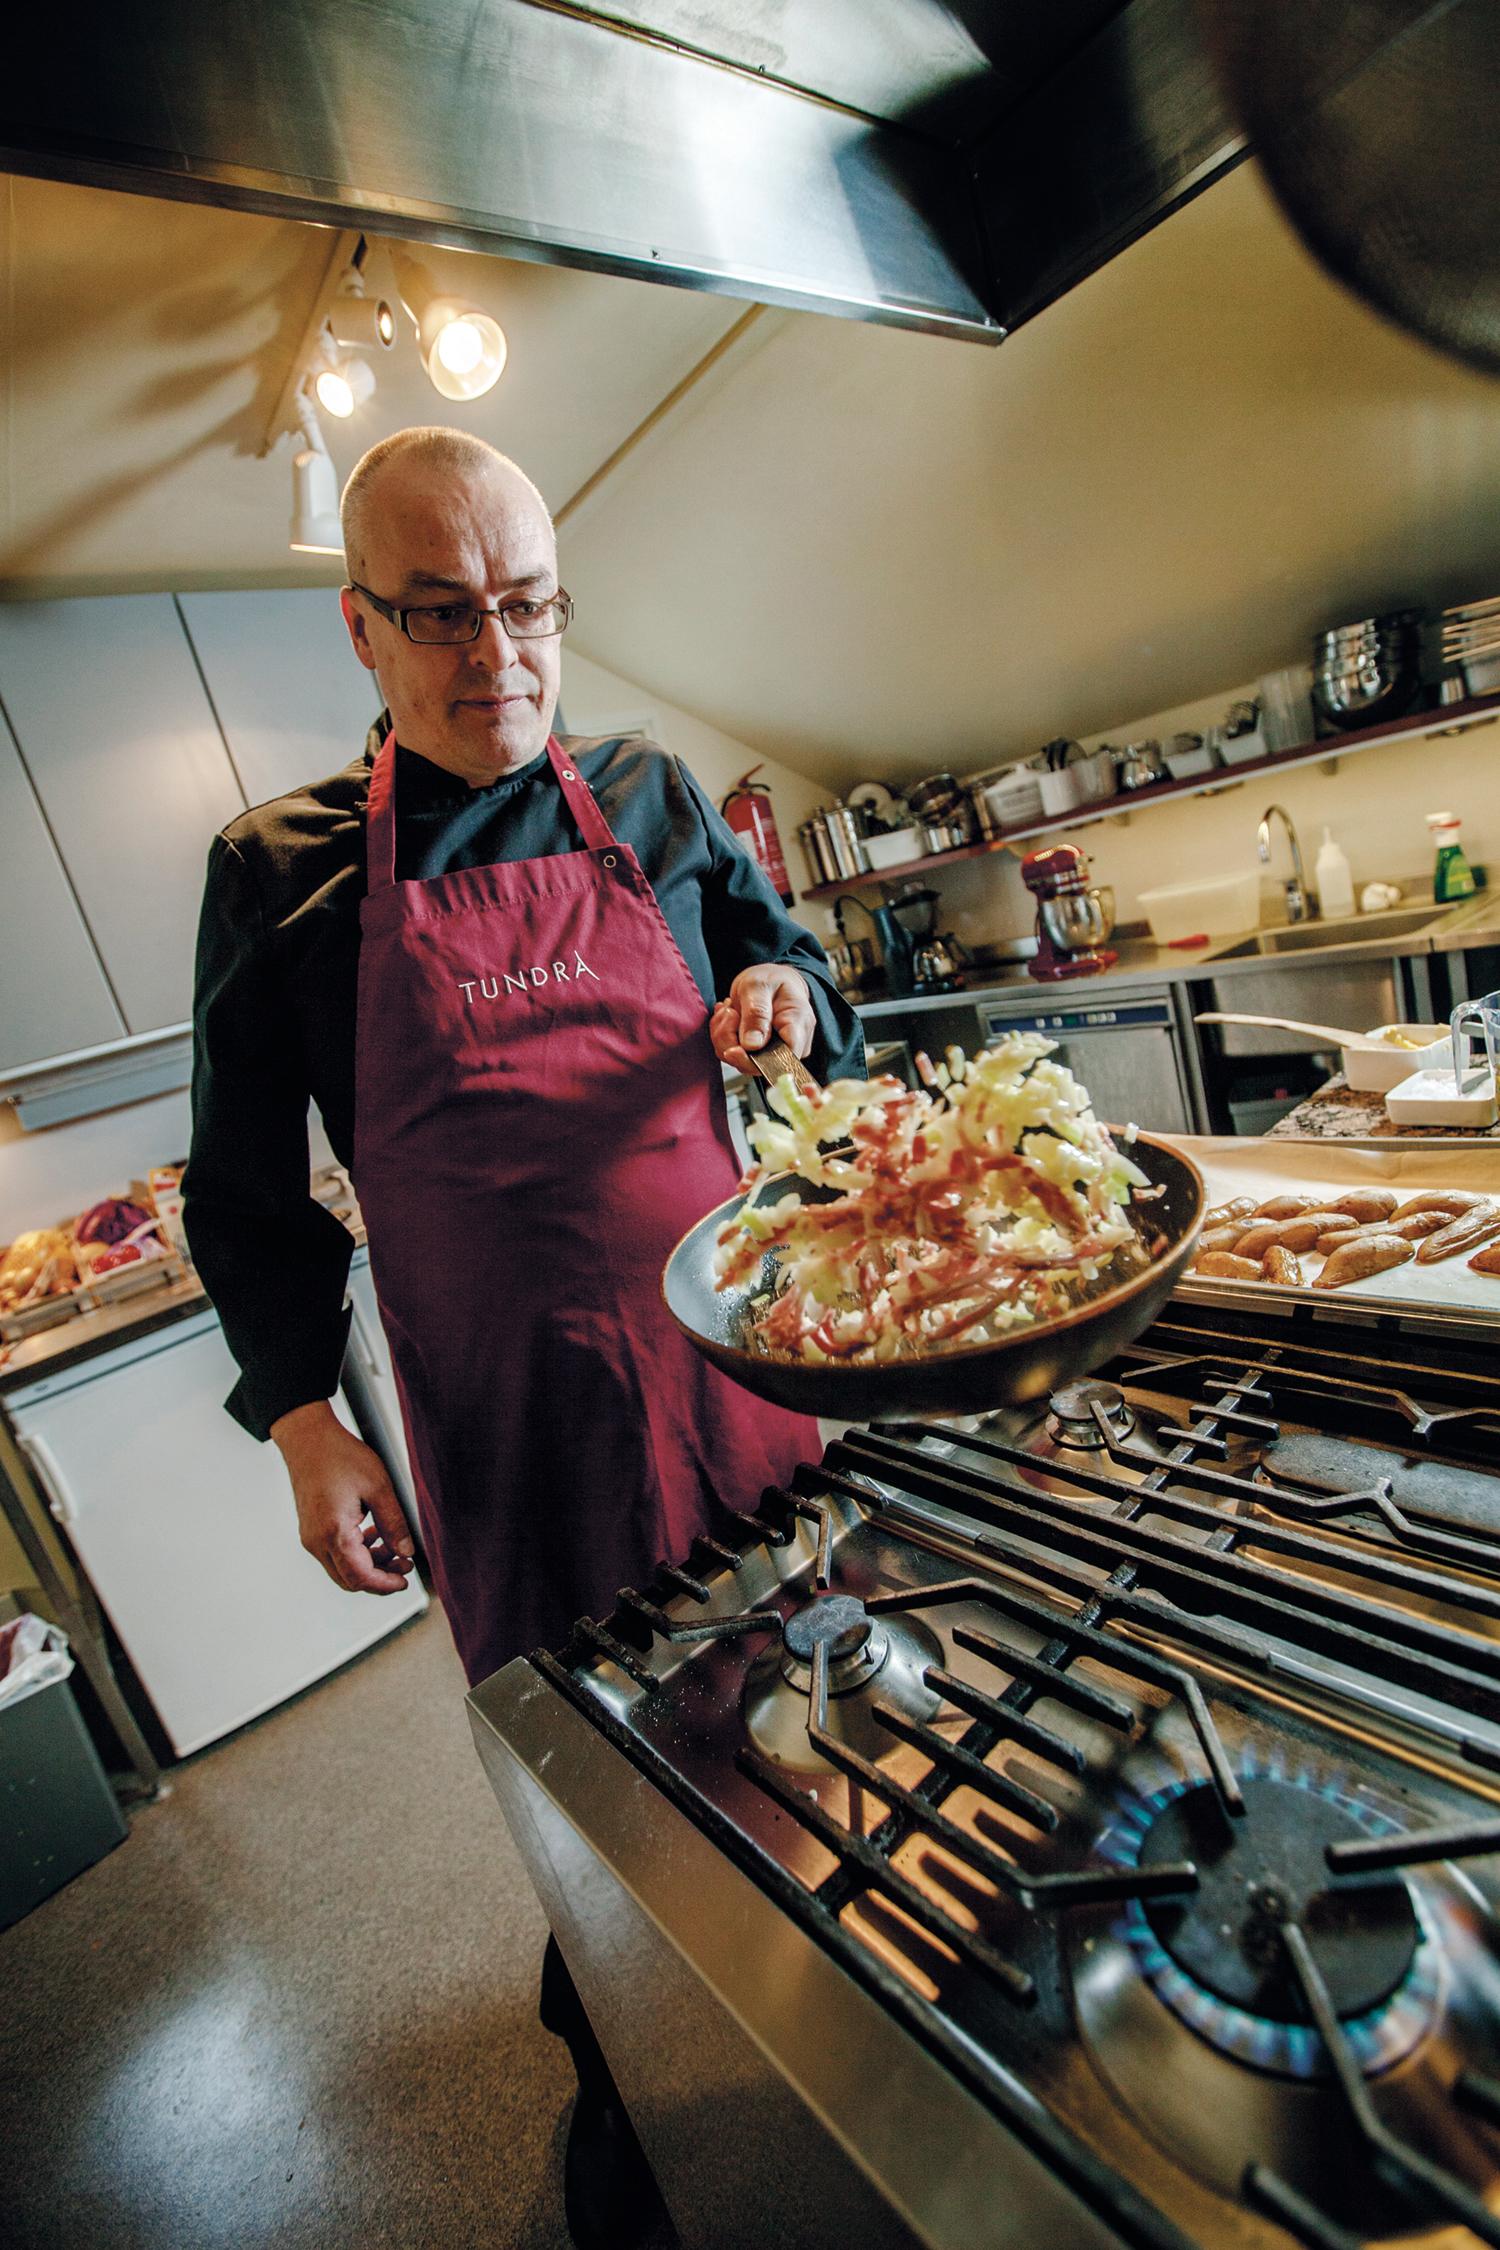 Jarmo Pitkänen eksperimenterer med både fritert, stekt, kokt og syltet mujka.